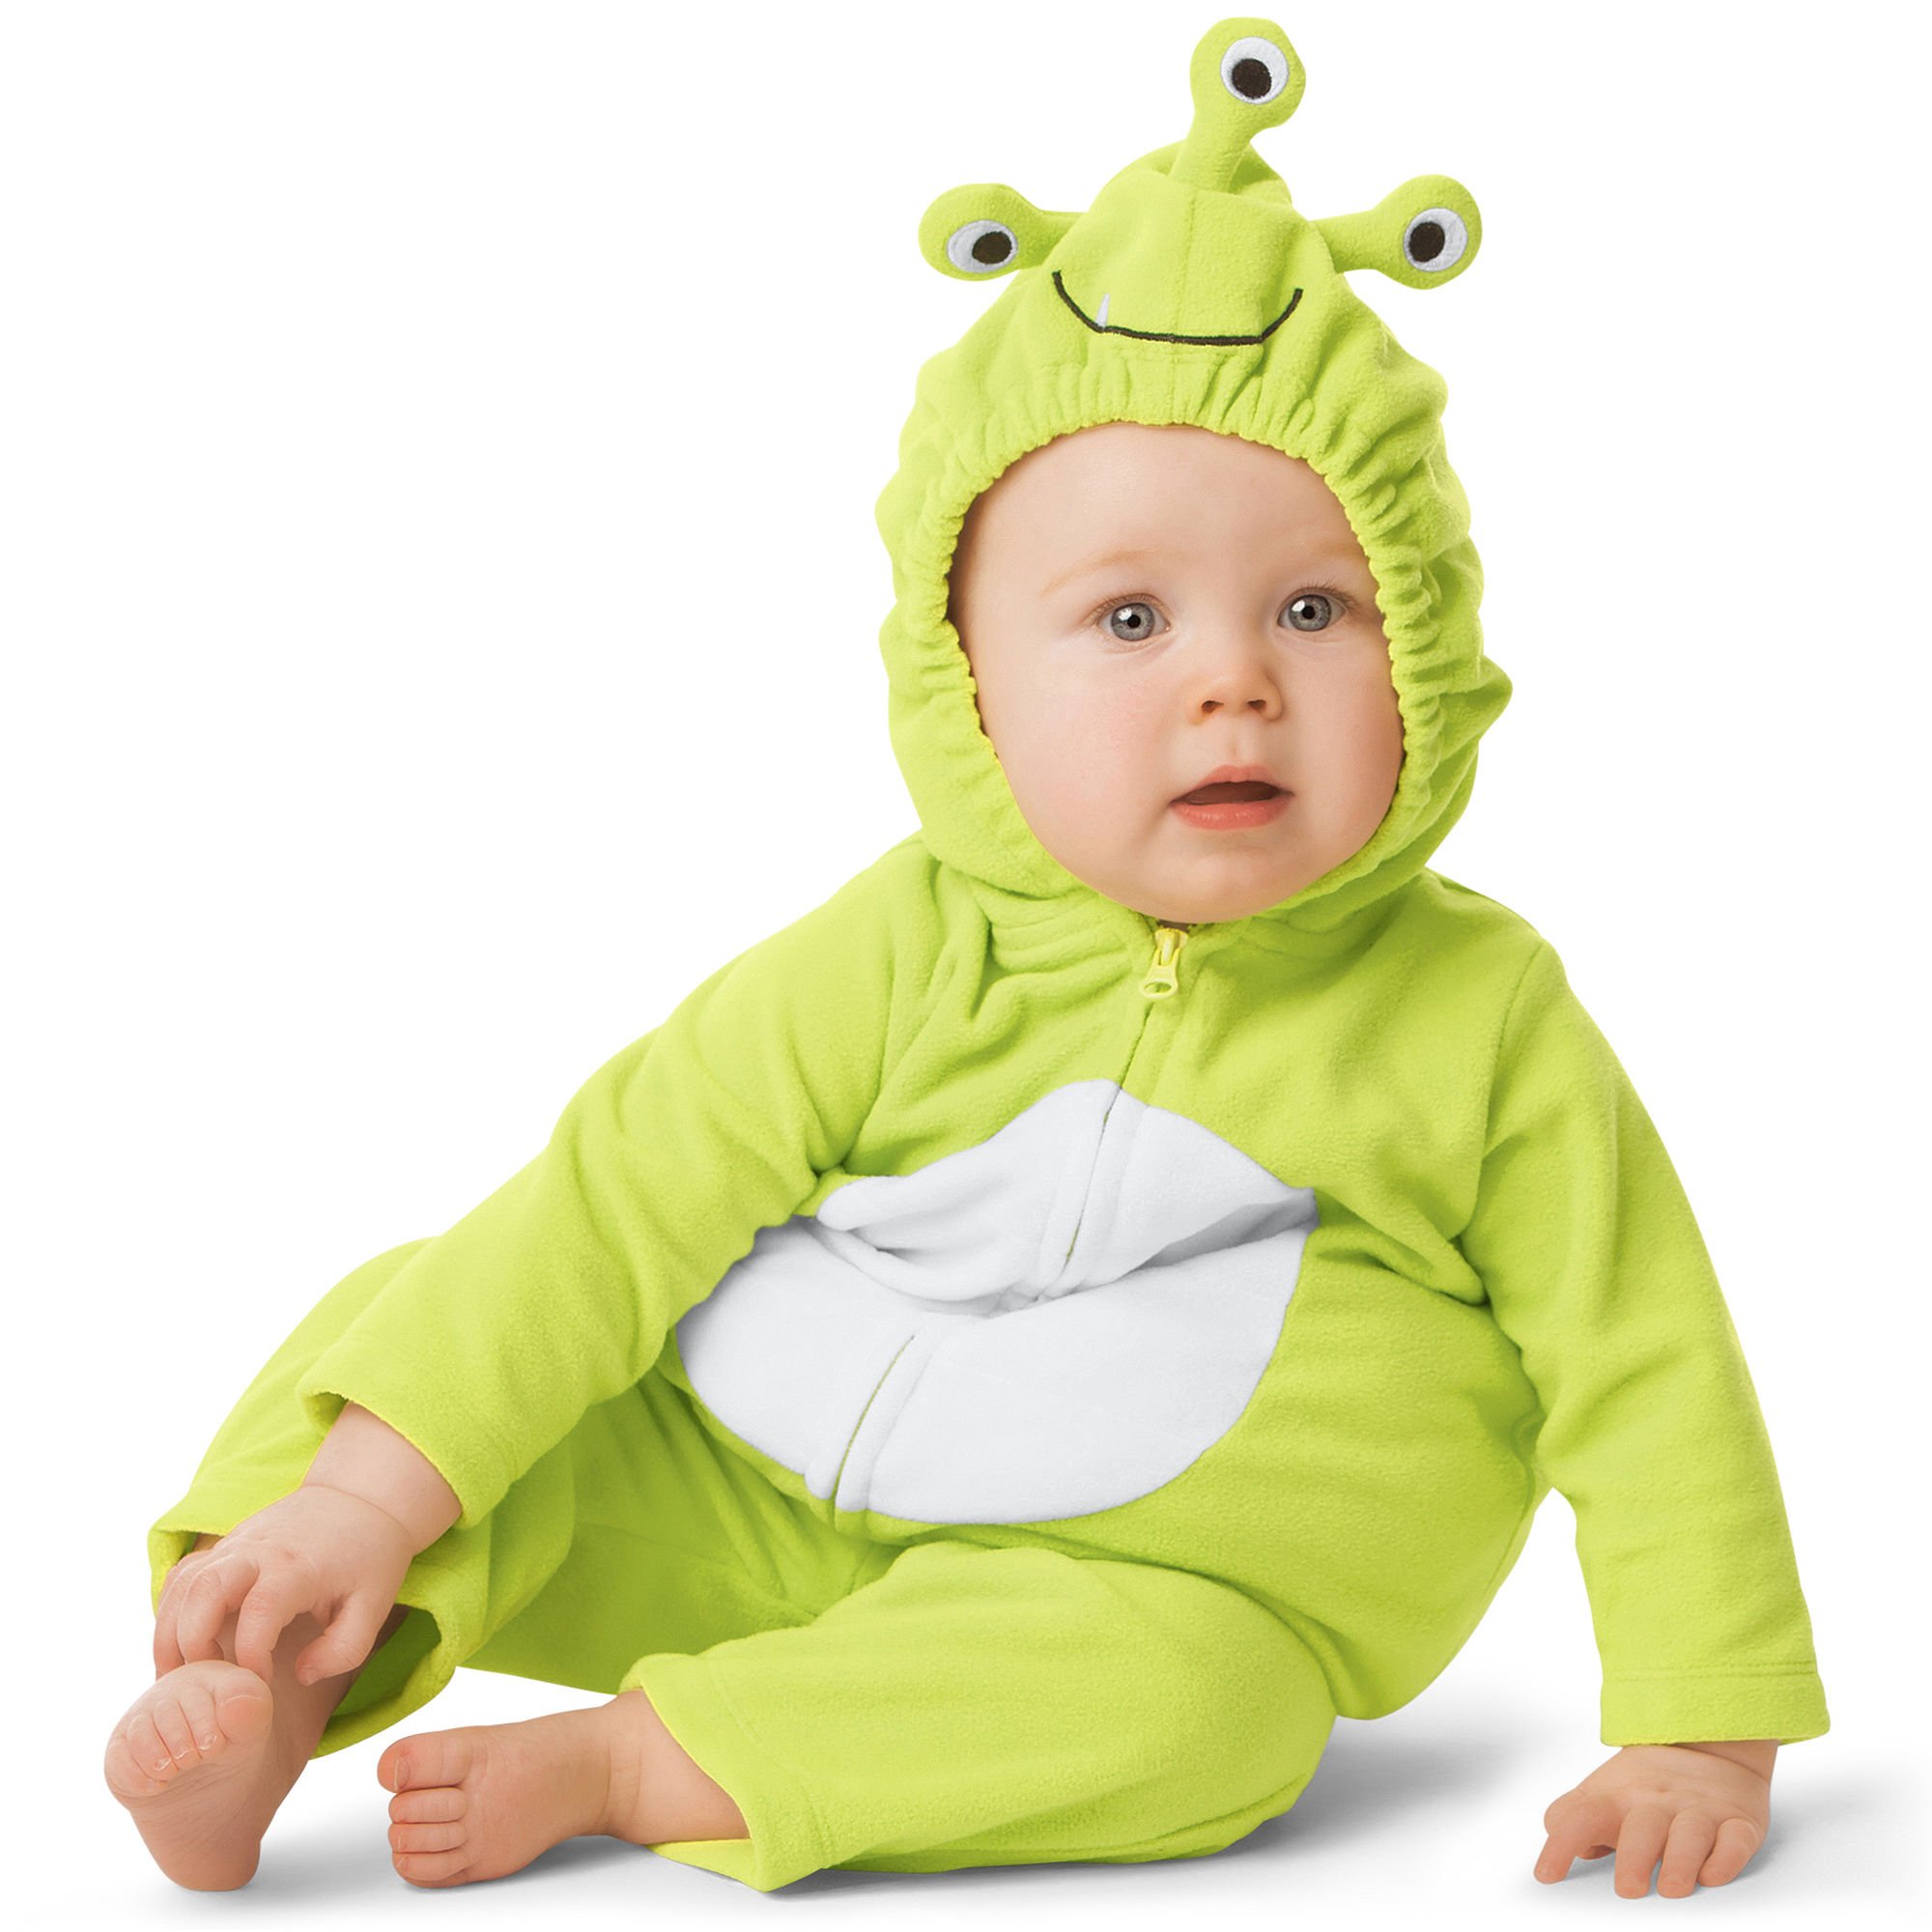 carters alien halloween costume baby boys newborn 24m - Aliens Halloween Costume Baby